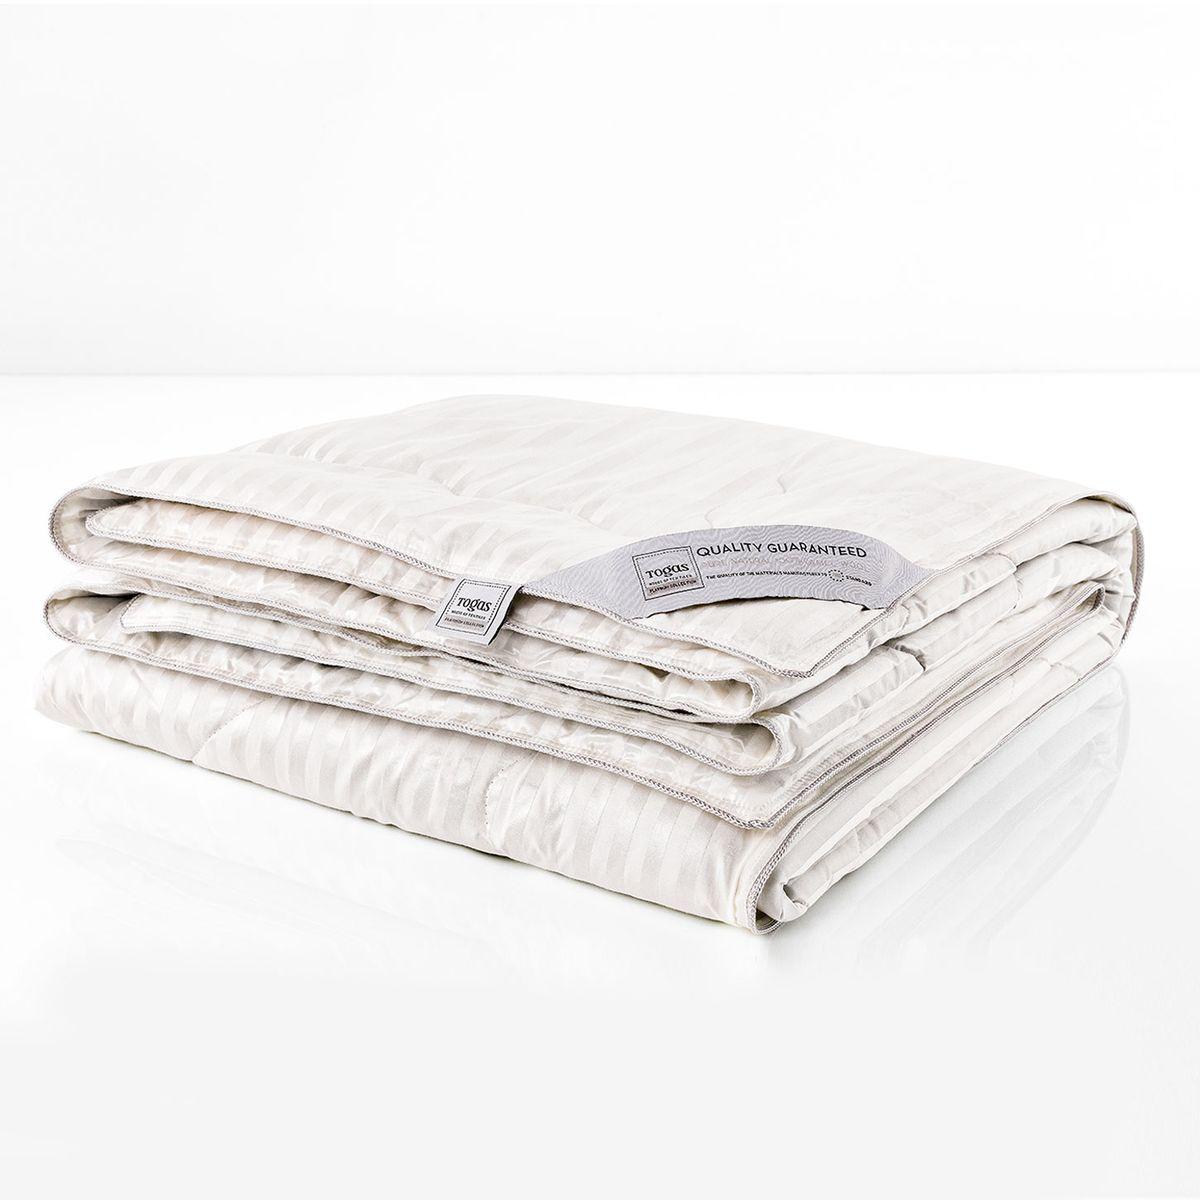 """Одеяло Роял верблюжья шерсть в шелке, 200 х 210 см. 20.04.17.005620.04.17.0056Сон под таким одеялом наполнен неземными ощущениями… Верблюжья шерсть удивительно легкая, что делает одеяло практически невесомыми, воздушными. Словно облако нежного тепла подхватывает Вас, расслабляя мыщцы, окутывая заботой, окружая непревзойденным комфортом… Верблюжья шерсть прочнее и легче других видов шерсти, имеет полую структуру, благодаря чему превосходно удерживает тепло и одновременно """"дышит"""". Свойства шелка, из которого сделан чехол одеяла, удивительны. Чистый шелк обладает антибактериальными и гипоаллергенными свойствами. Наполнитель из верблюжьей шерсти в сочетании с шелковым чехлом - это изысканный комфорт, окружающий Вас каждую ночь…"""